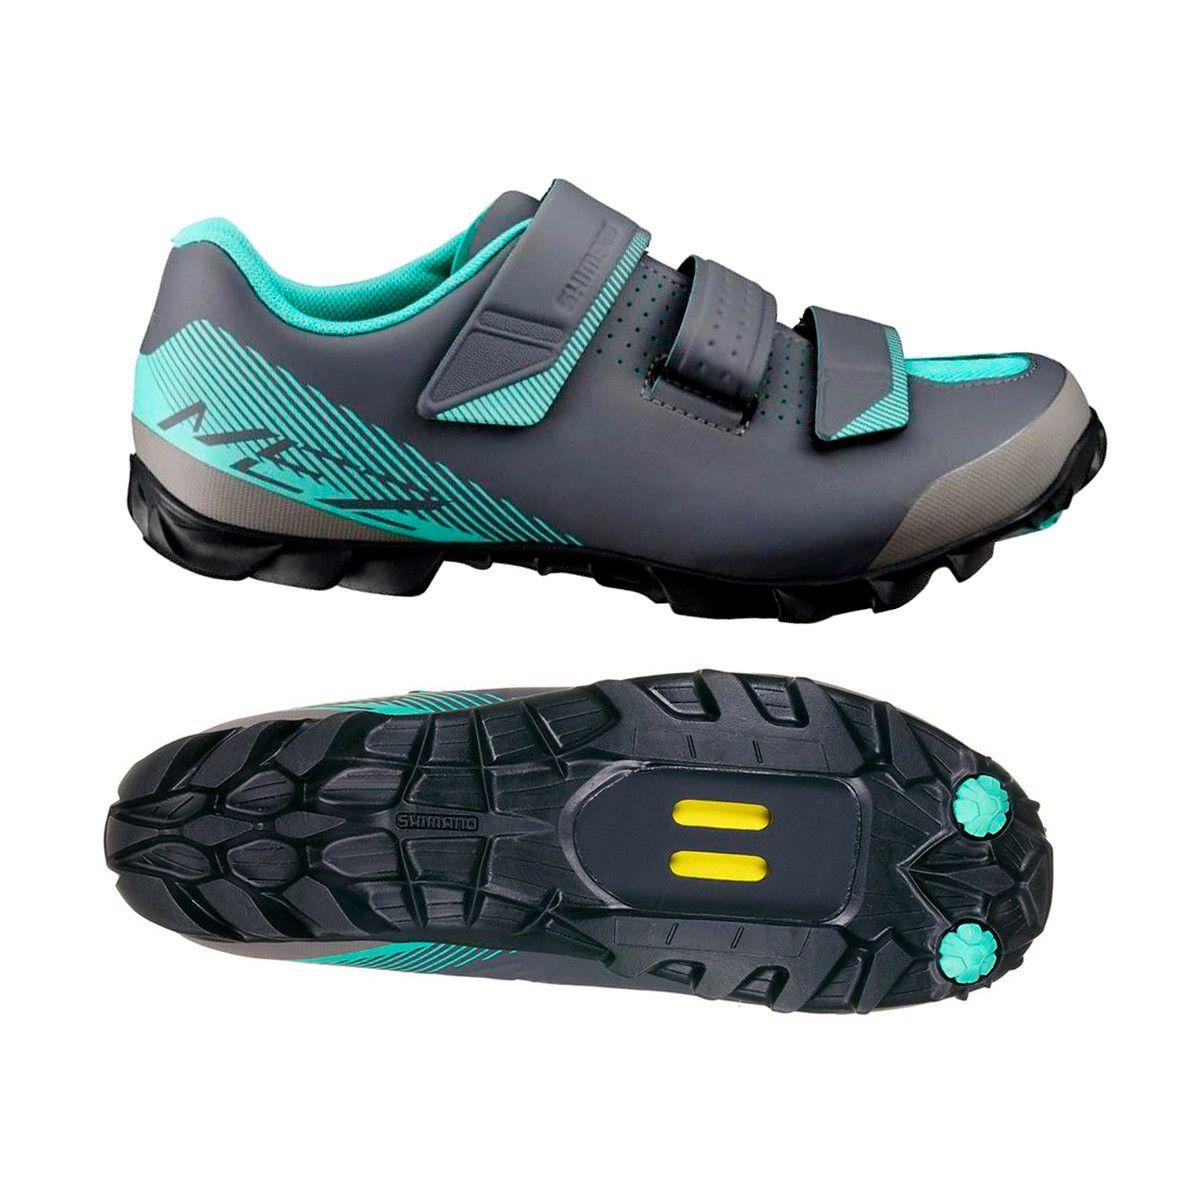 Sapatilha Shimano Feminina SH-ME200 com 3 Velcros